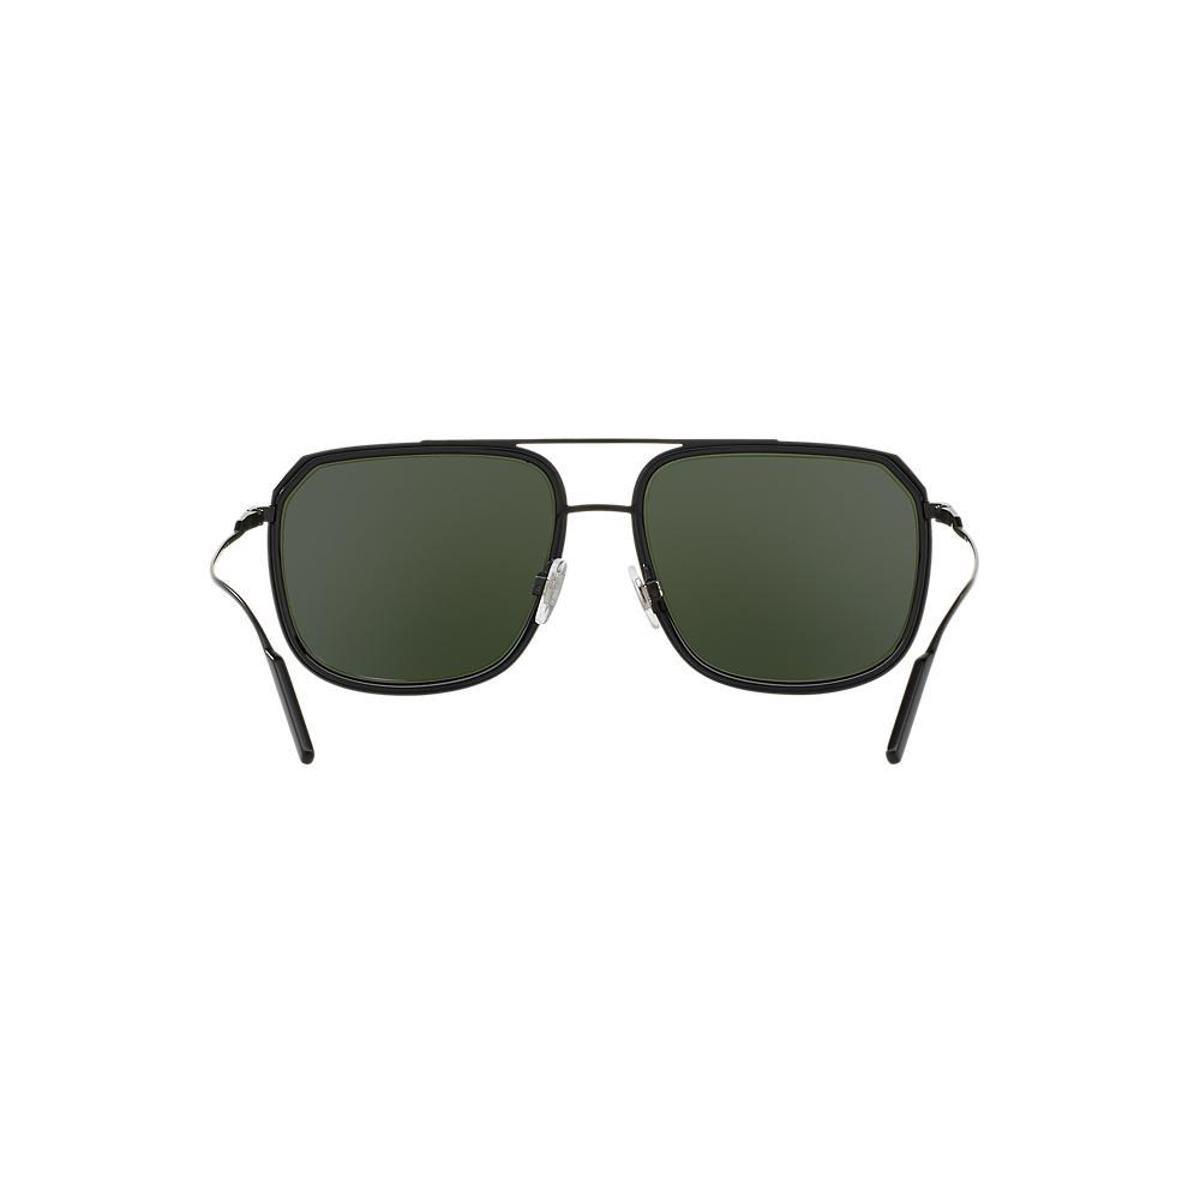 13aa1d2ff31fd Óculos de Sol Dolce   Gabbana Quadrado DG2165 Masculino - Compre ...